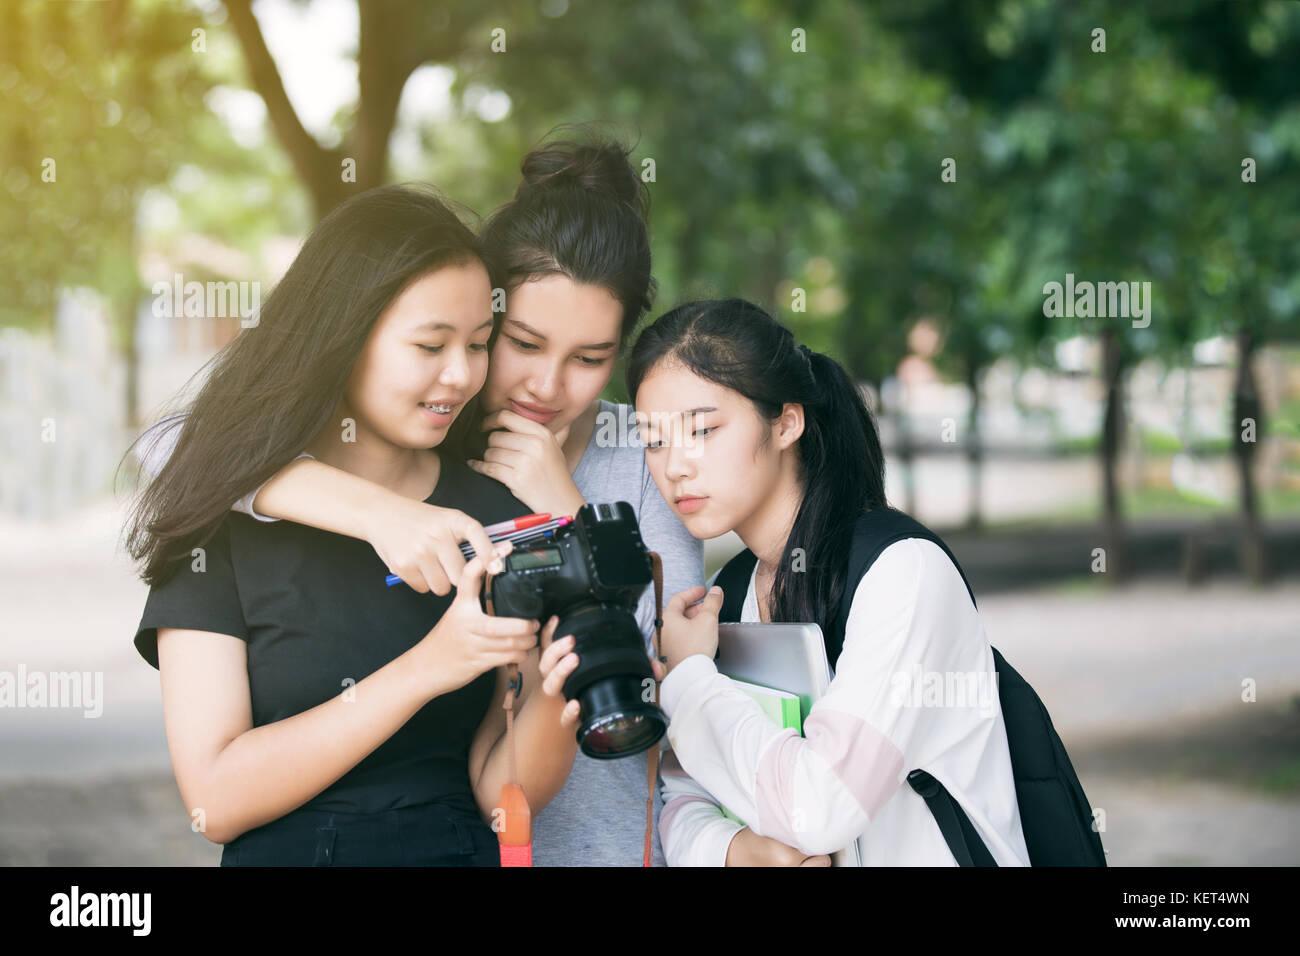 asiatische frauen suchen